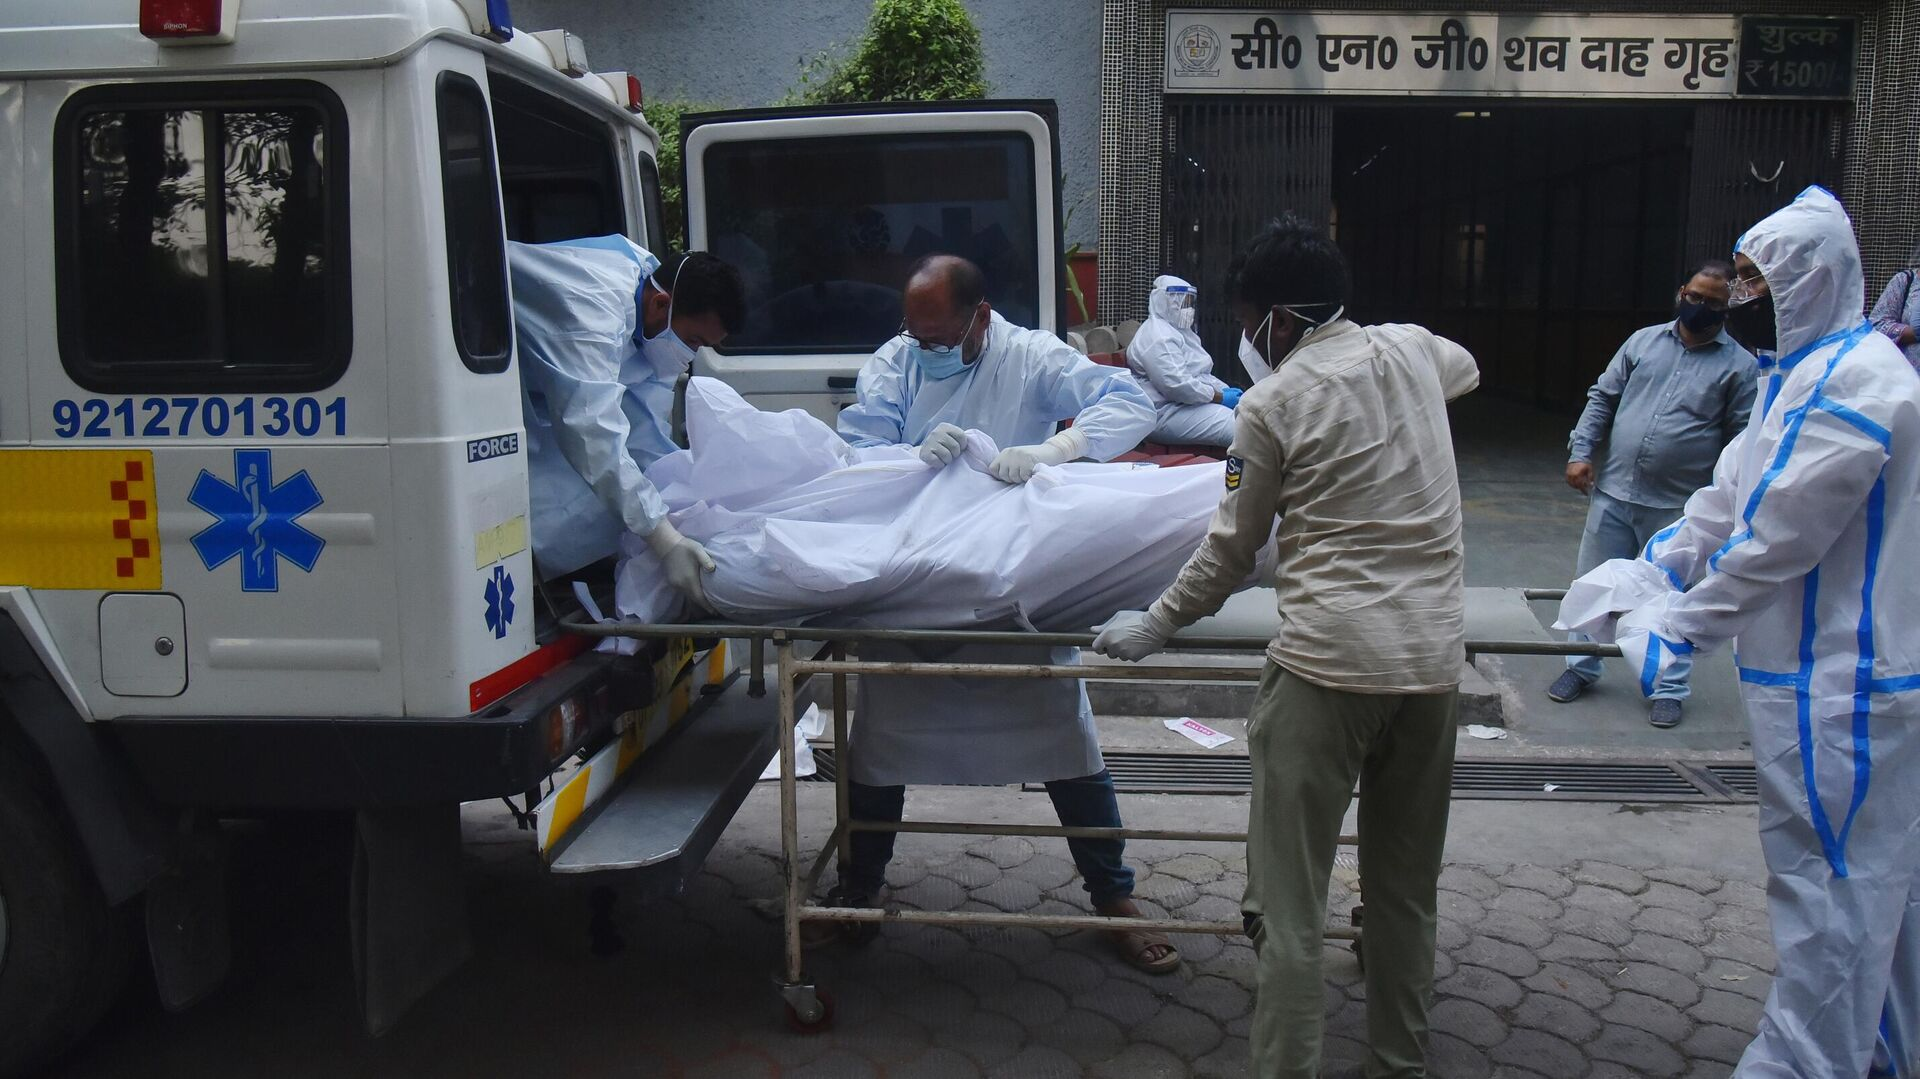 Медицинские работники транспортируют мертвое тело в Дели - РИА Новости, 1920, 19.06.2021